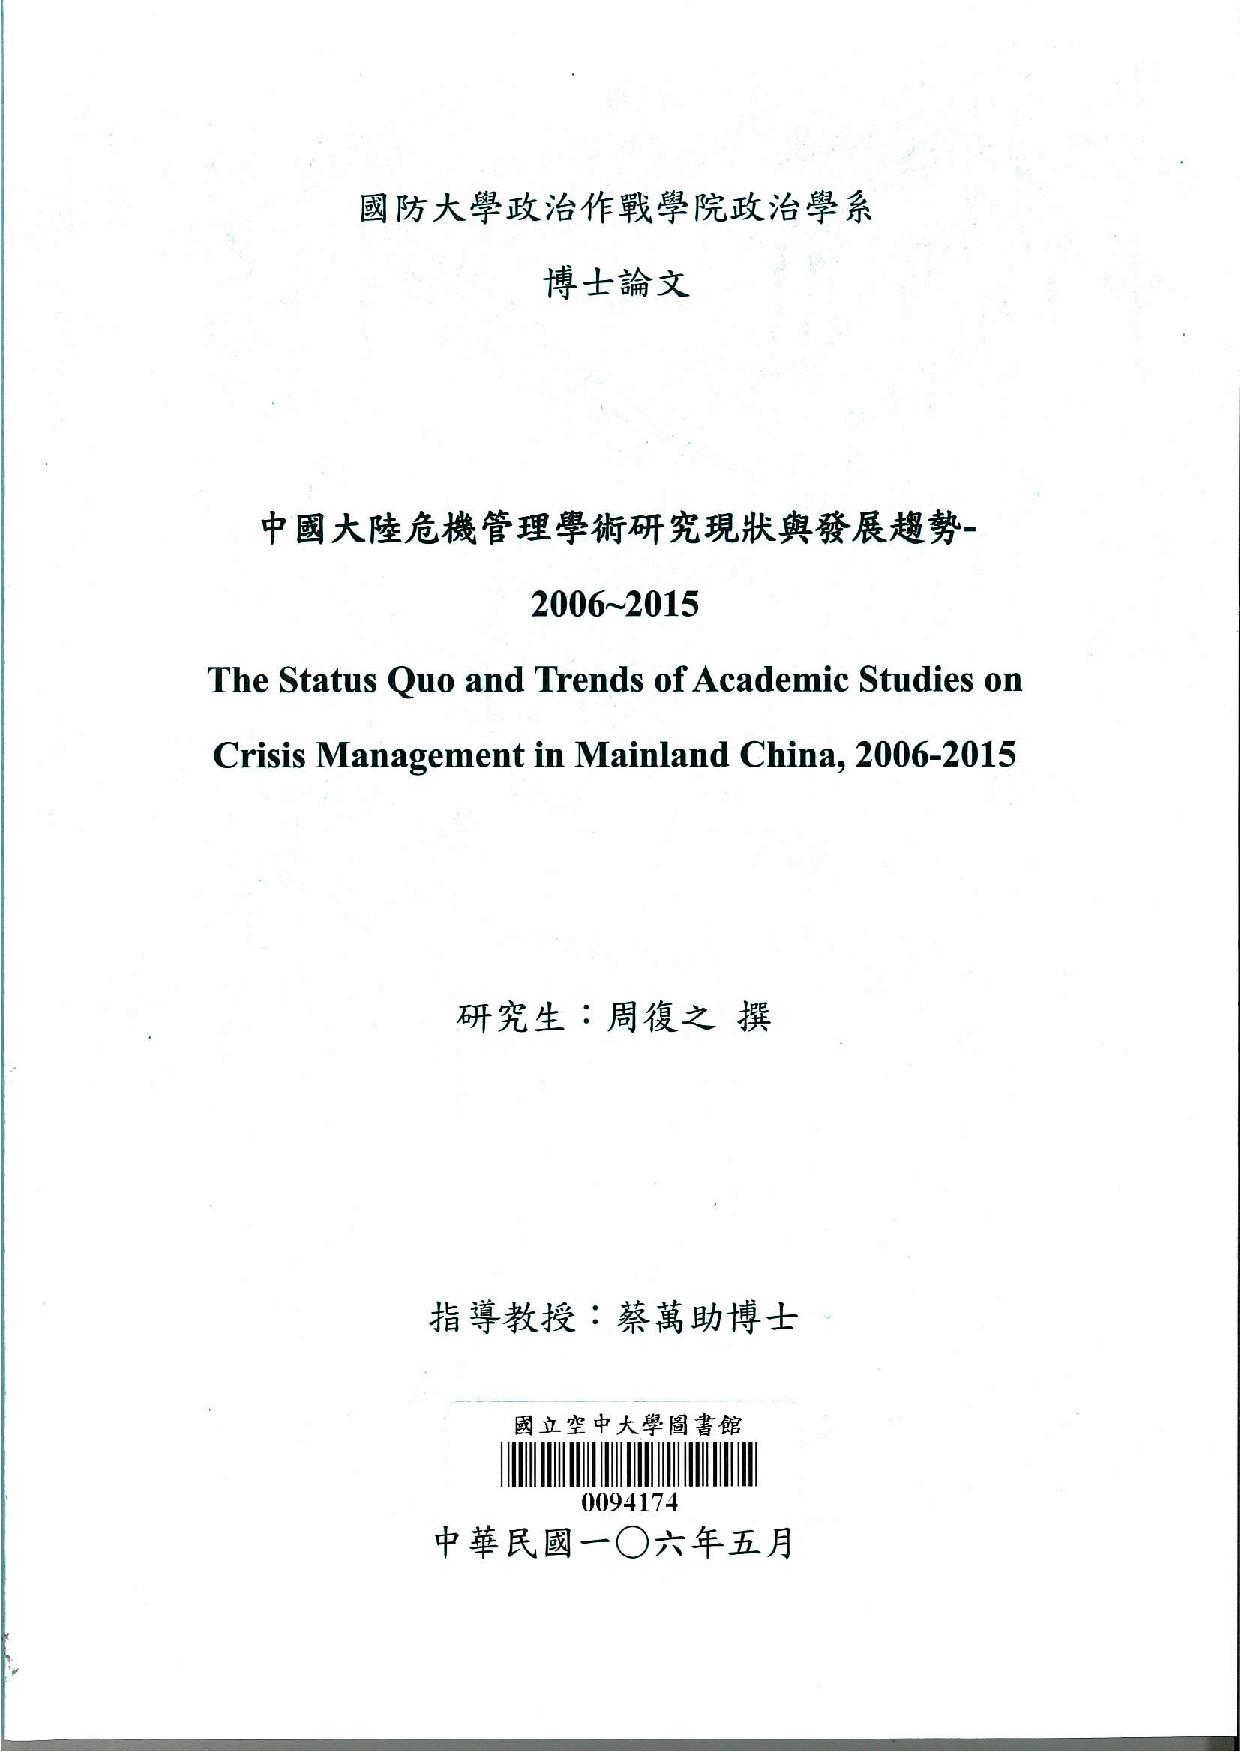 中國大陸危機管理學術研究現狀與發展趨勢-...